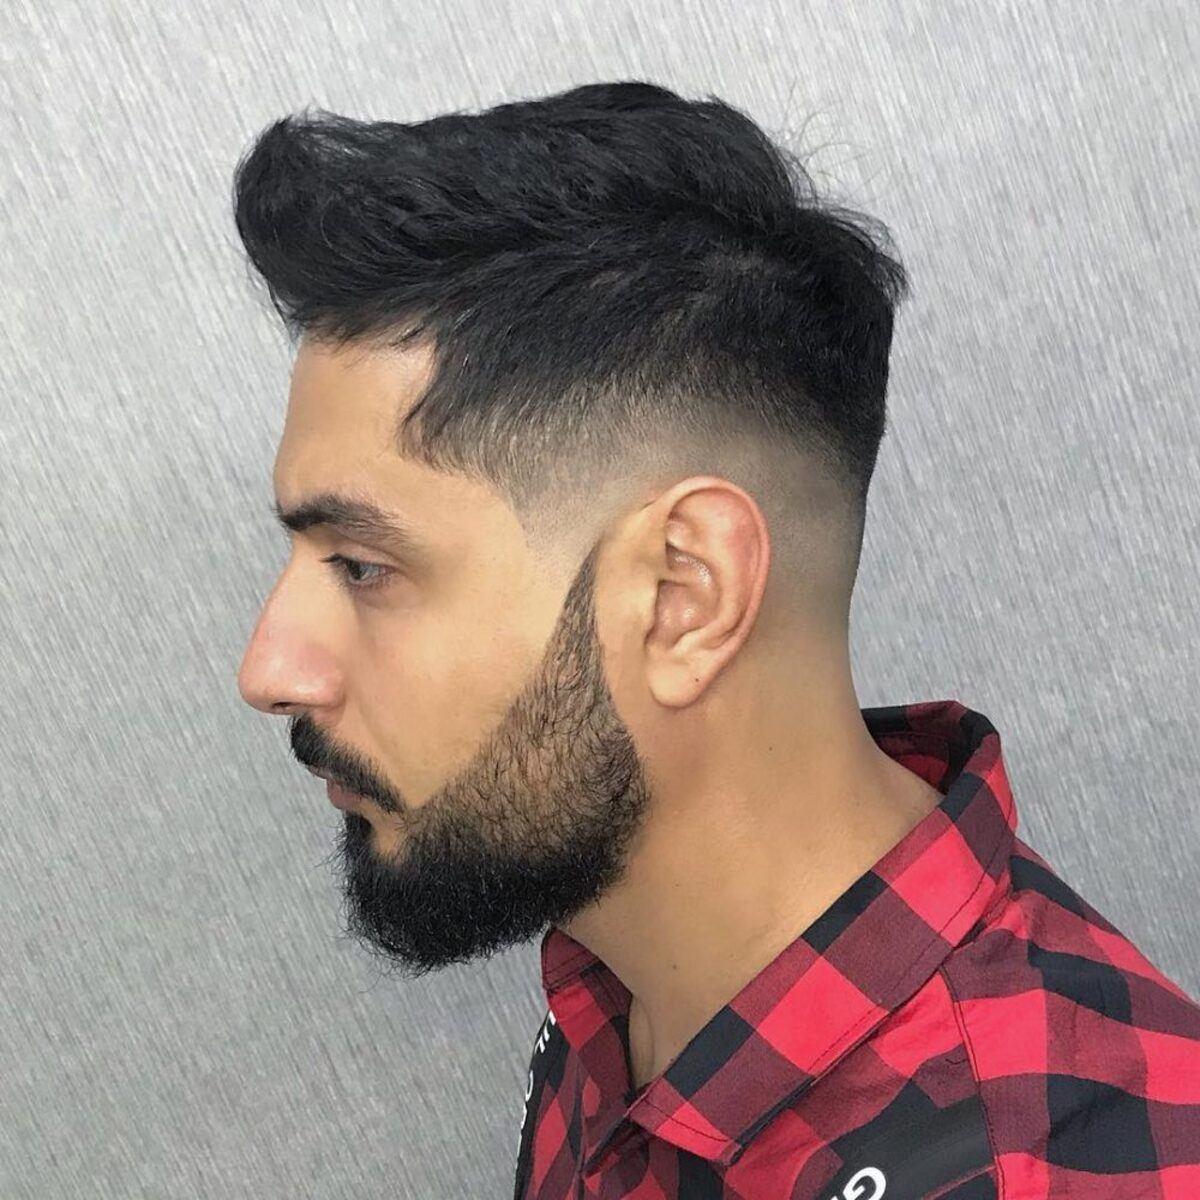 Peinado de barba completa y desvanecimiento recortado